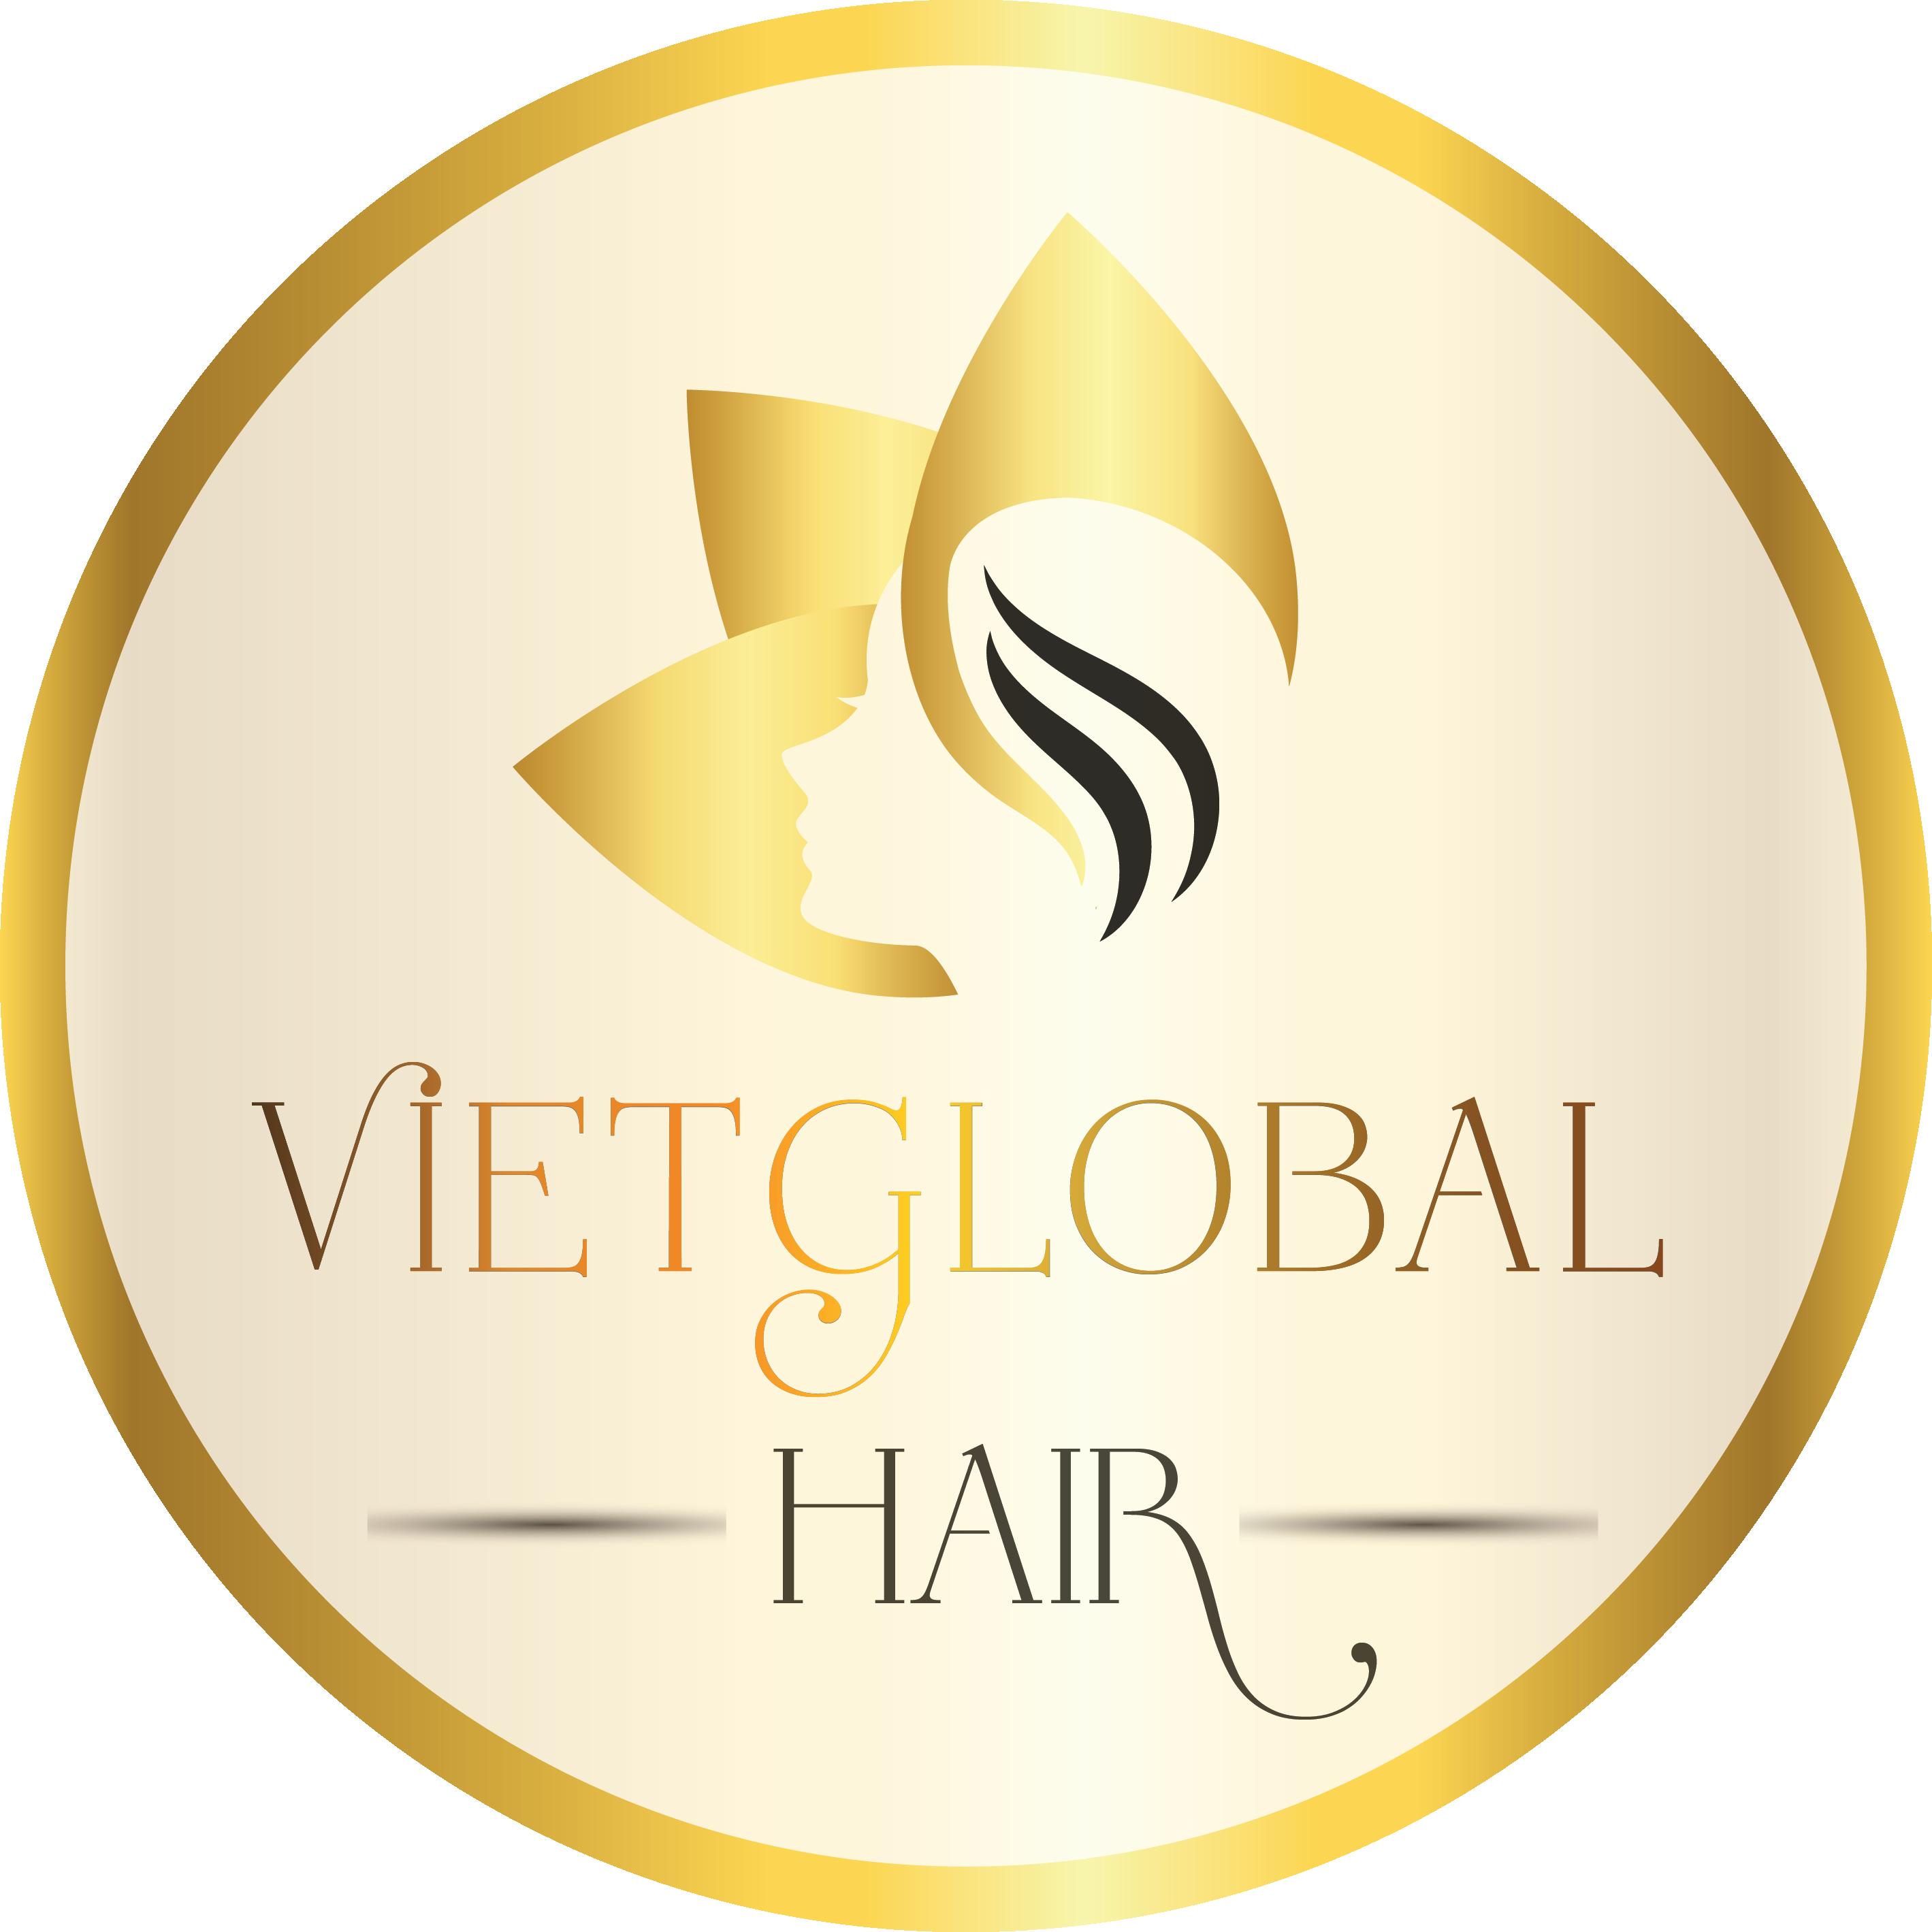 Vietglobal Hair